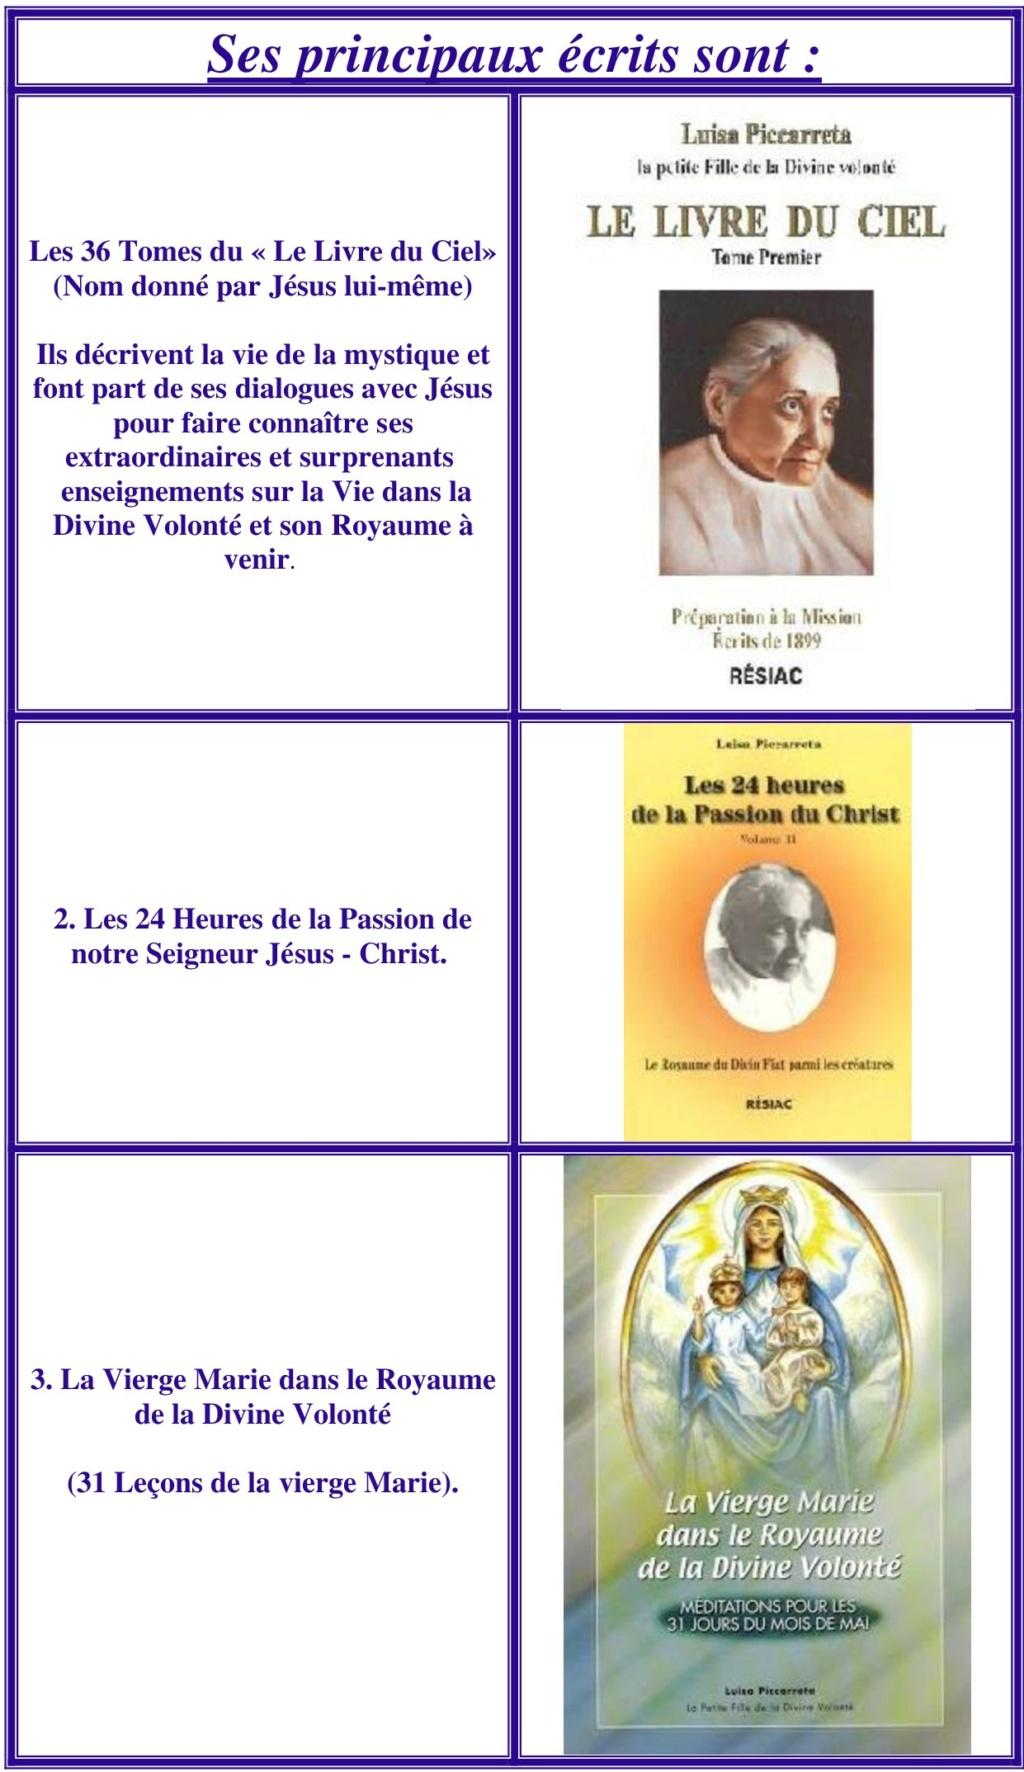 Jésus à Luisa Piccaretta - ... La Volonté Éternelle de Jésus prime sur son Humanité. Copie10